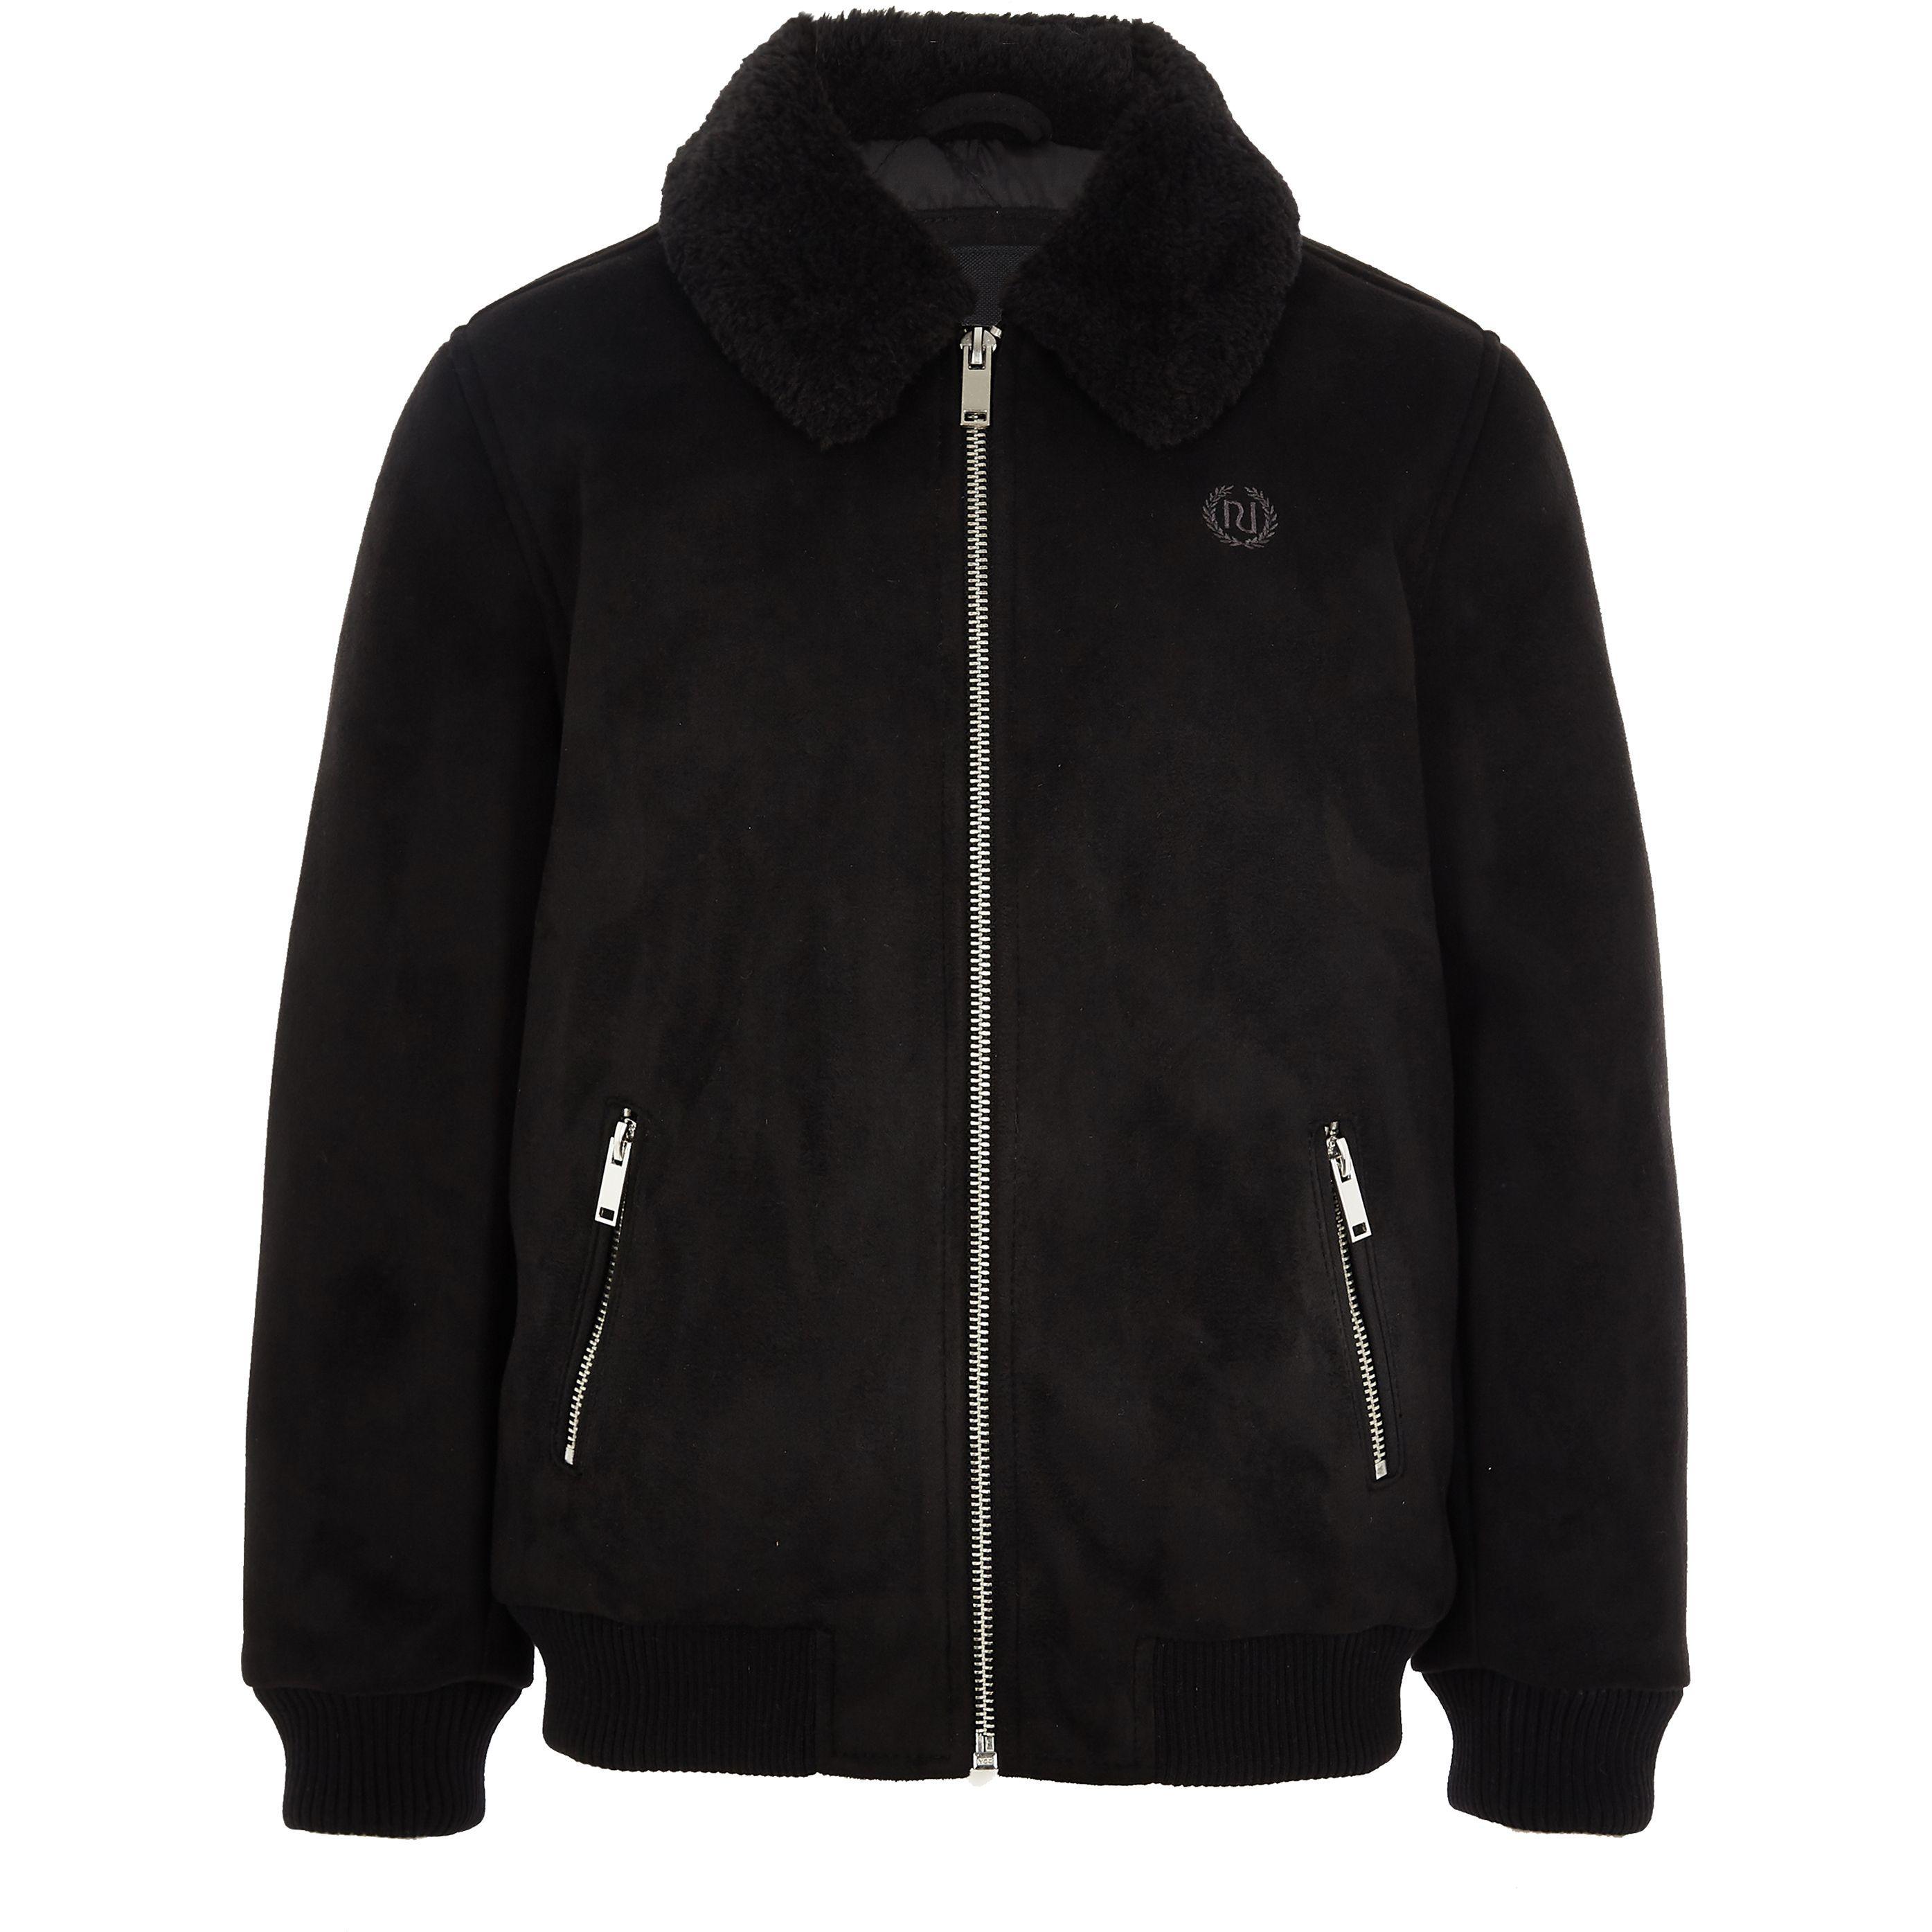 524b6453933d Boys black bomber jacket - Jackson | Boy clothing ideas | Black bomber  jacket, Jackets, Bomber Jacket